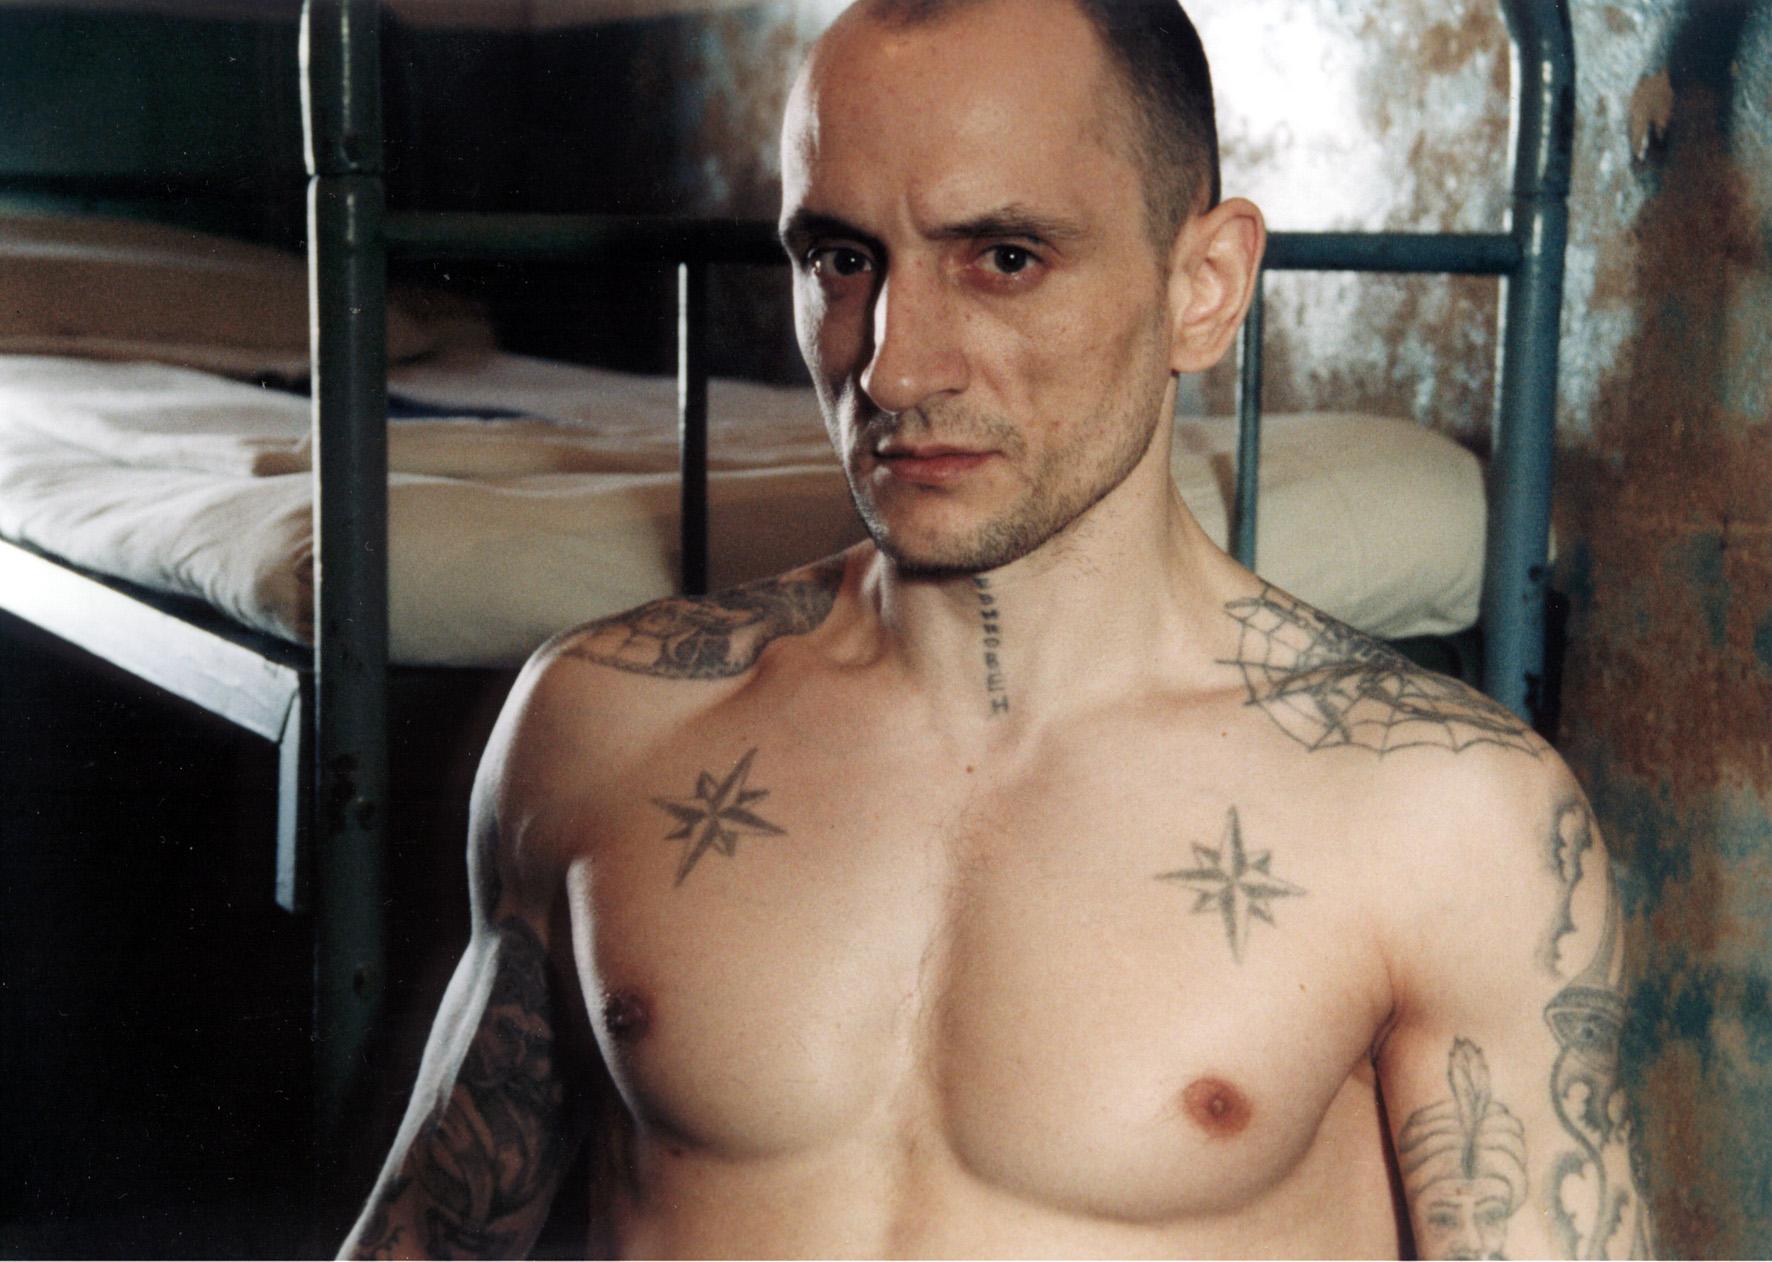 Тюремные татуировки звезды значение фото